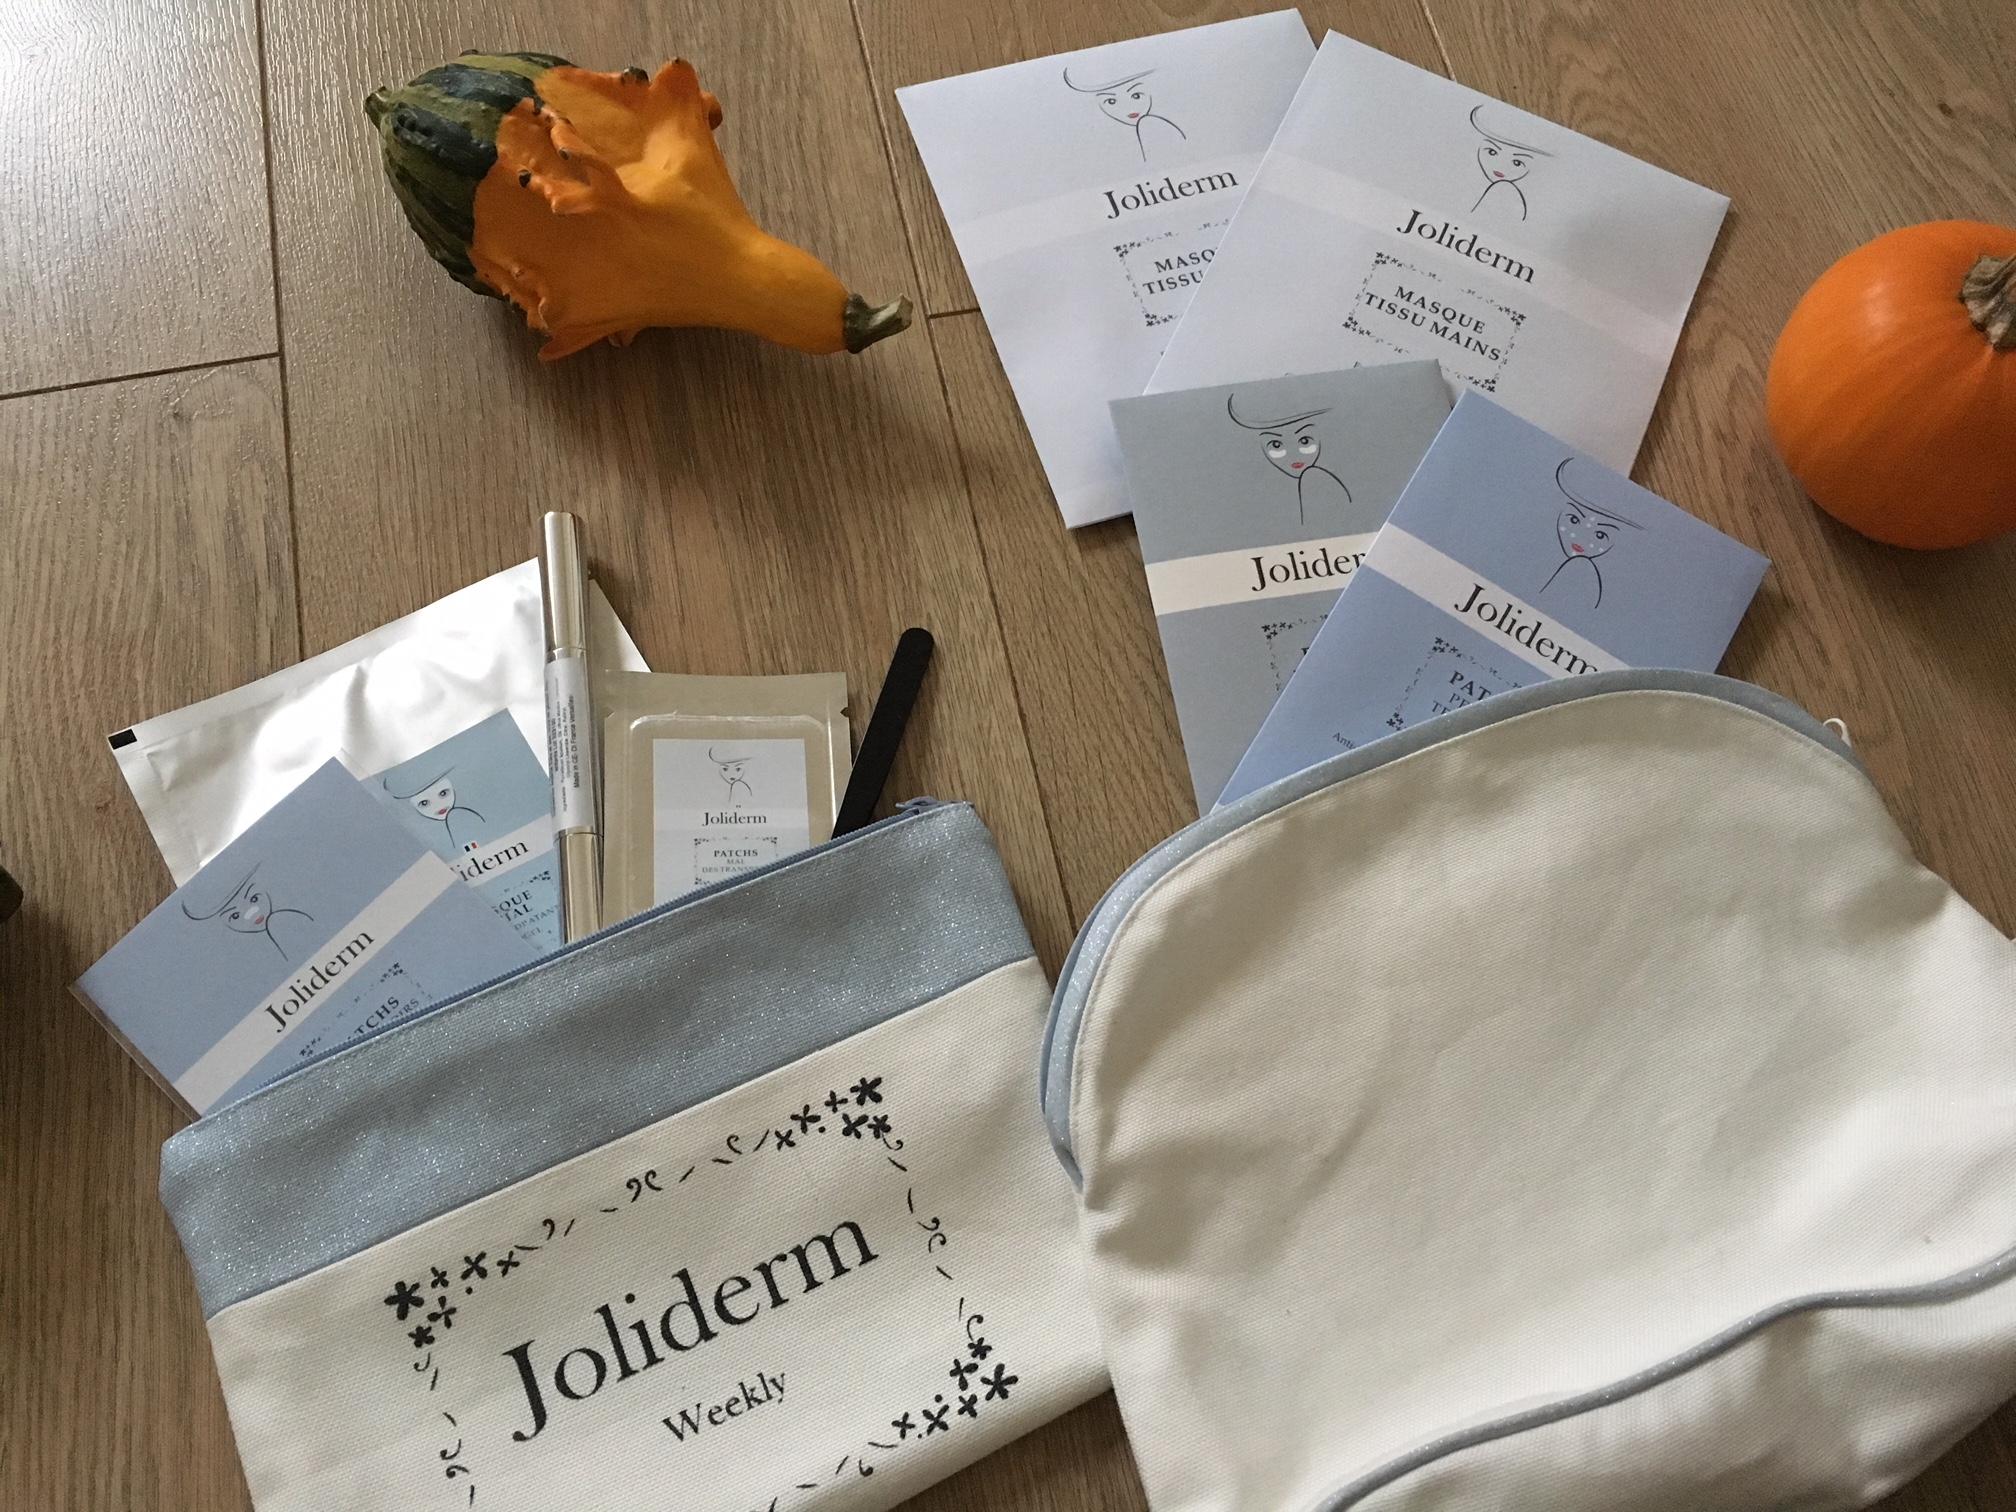 Les Papotages de Nana - Joliderm